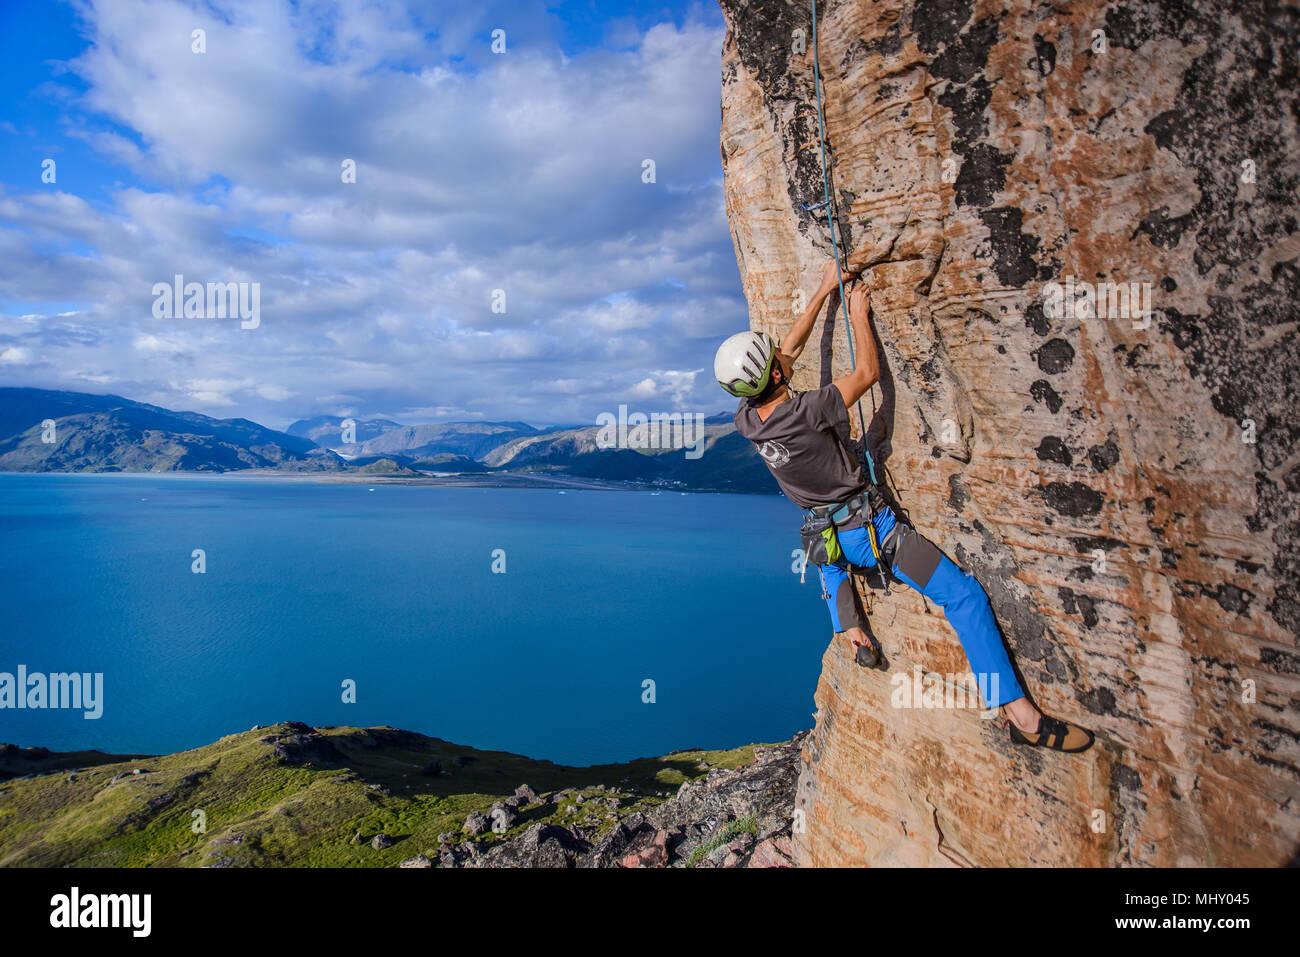 Giovane maschio scalatore di pietra arenaria di arrampicata rockface, Narsaq, Vestgronland, Groenlandia meridionale Immagini Stock